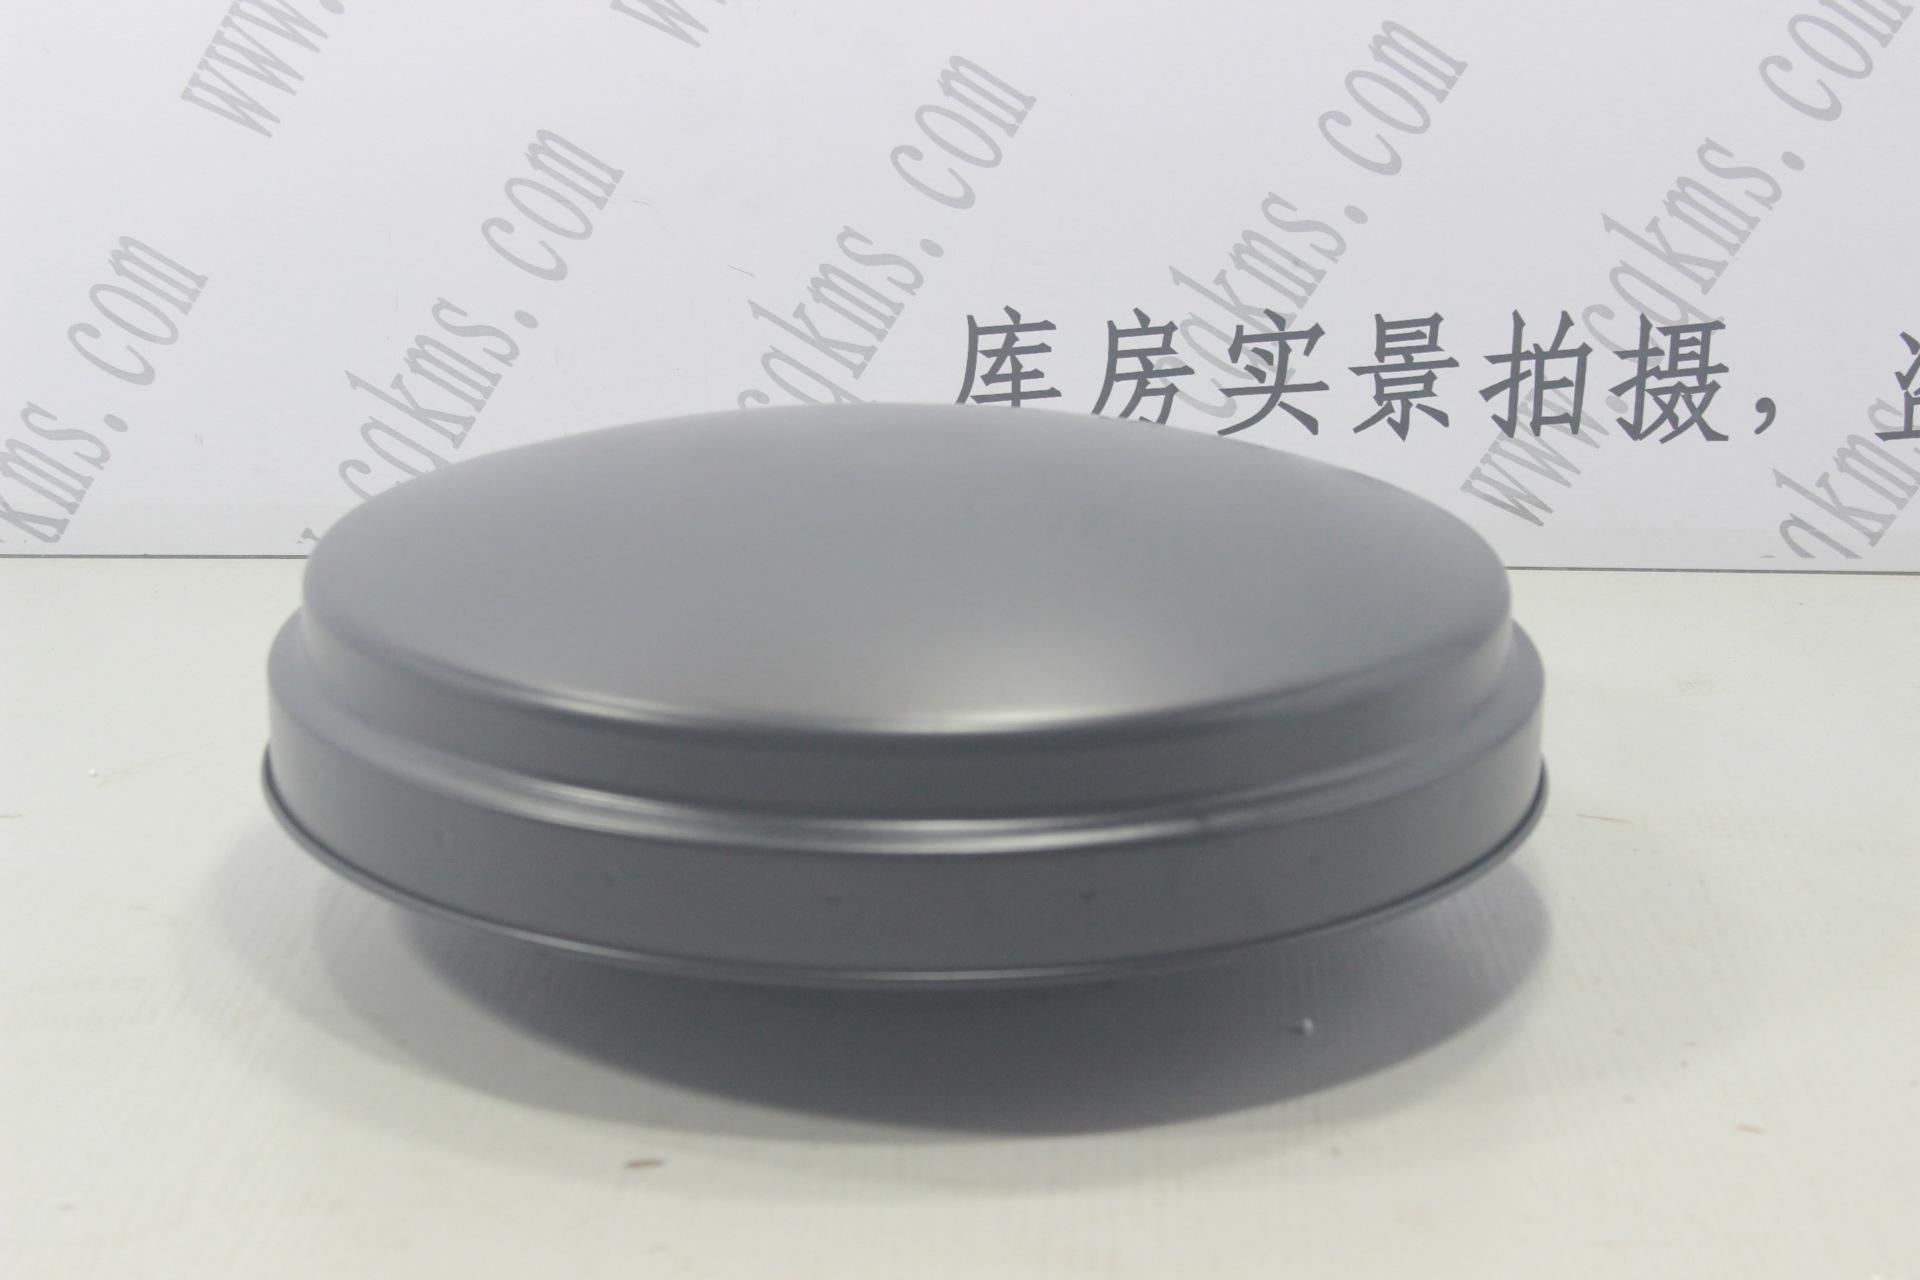 kms01474-3017003-空气滤清器盖图片1